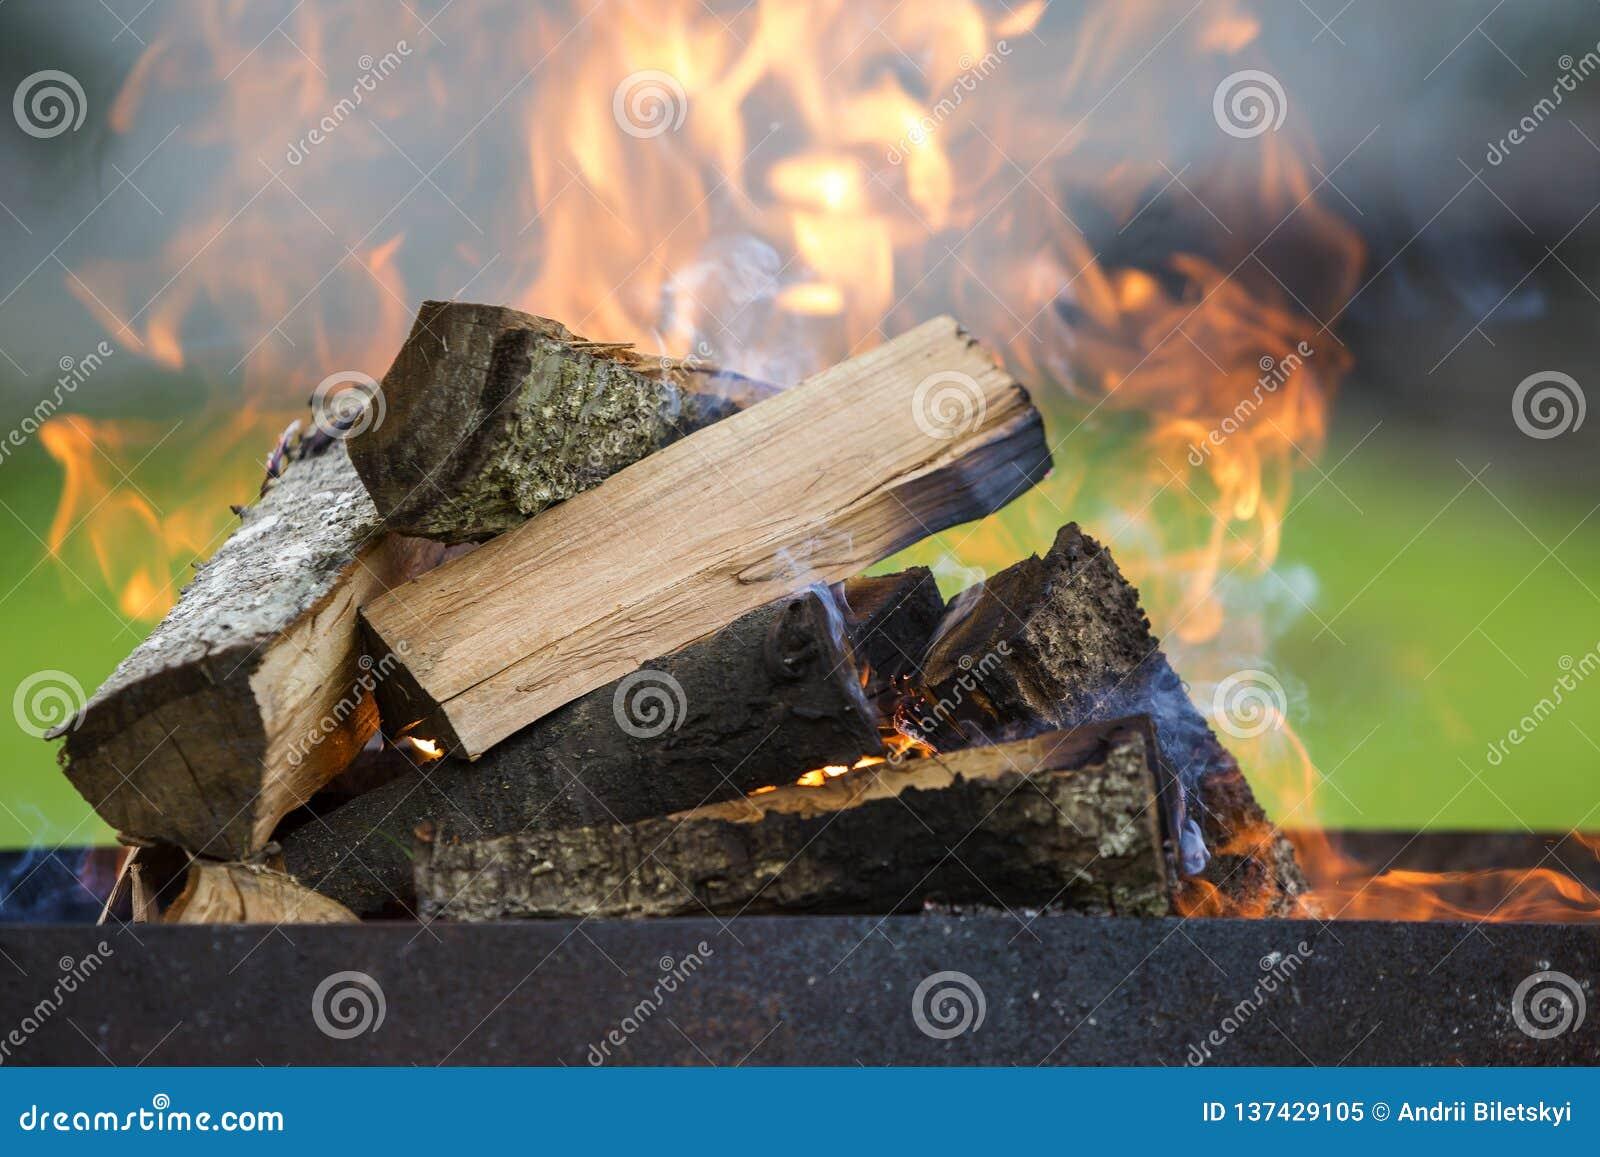 Brilhantemente queimando-se na lenha da caixa do metal para o assado exterior Conceito do acampamento, da segurança e do turismo